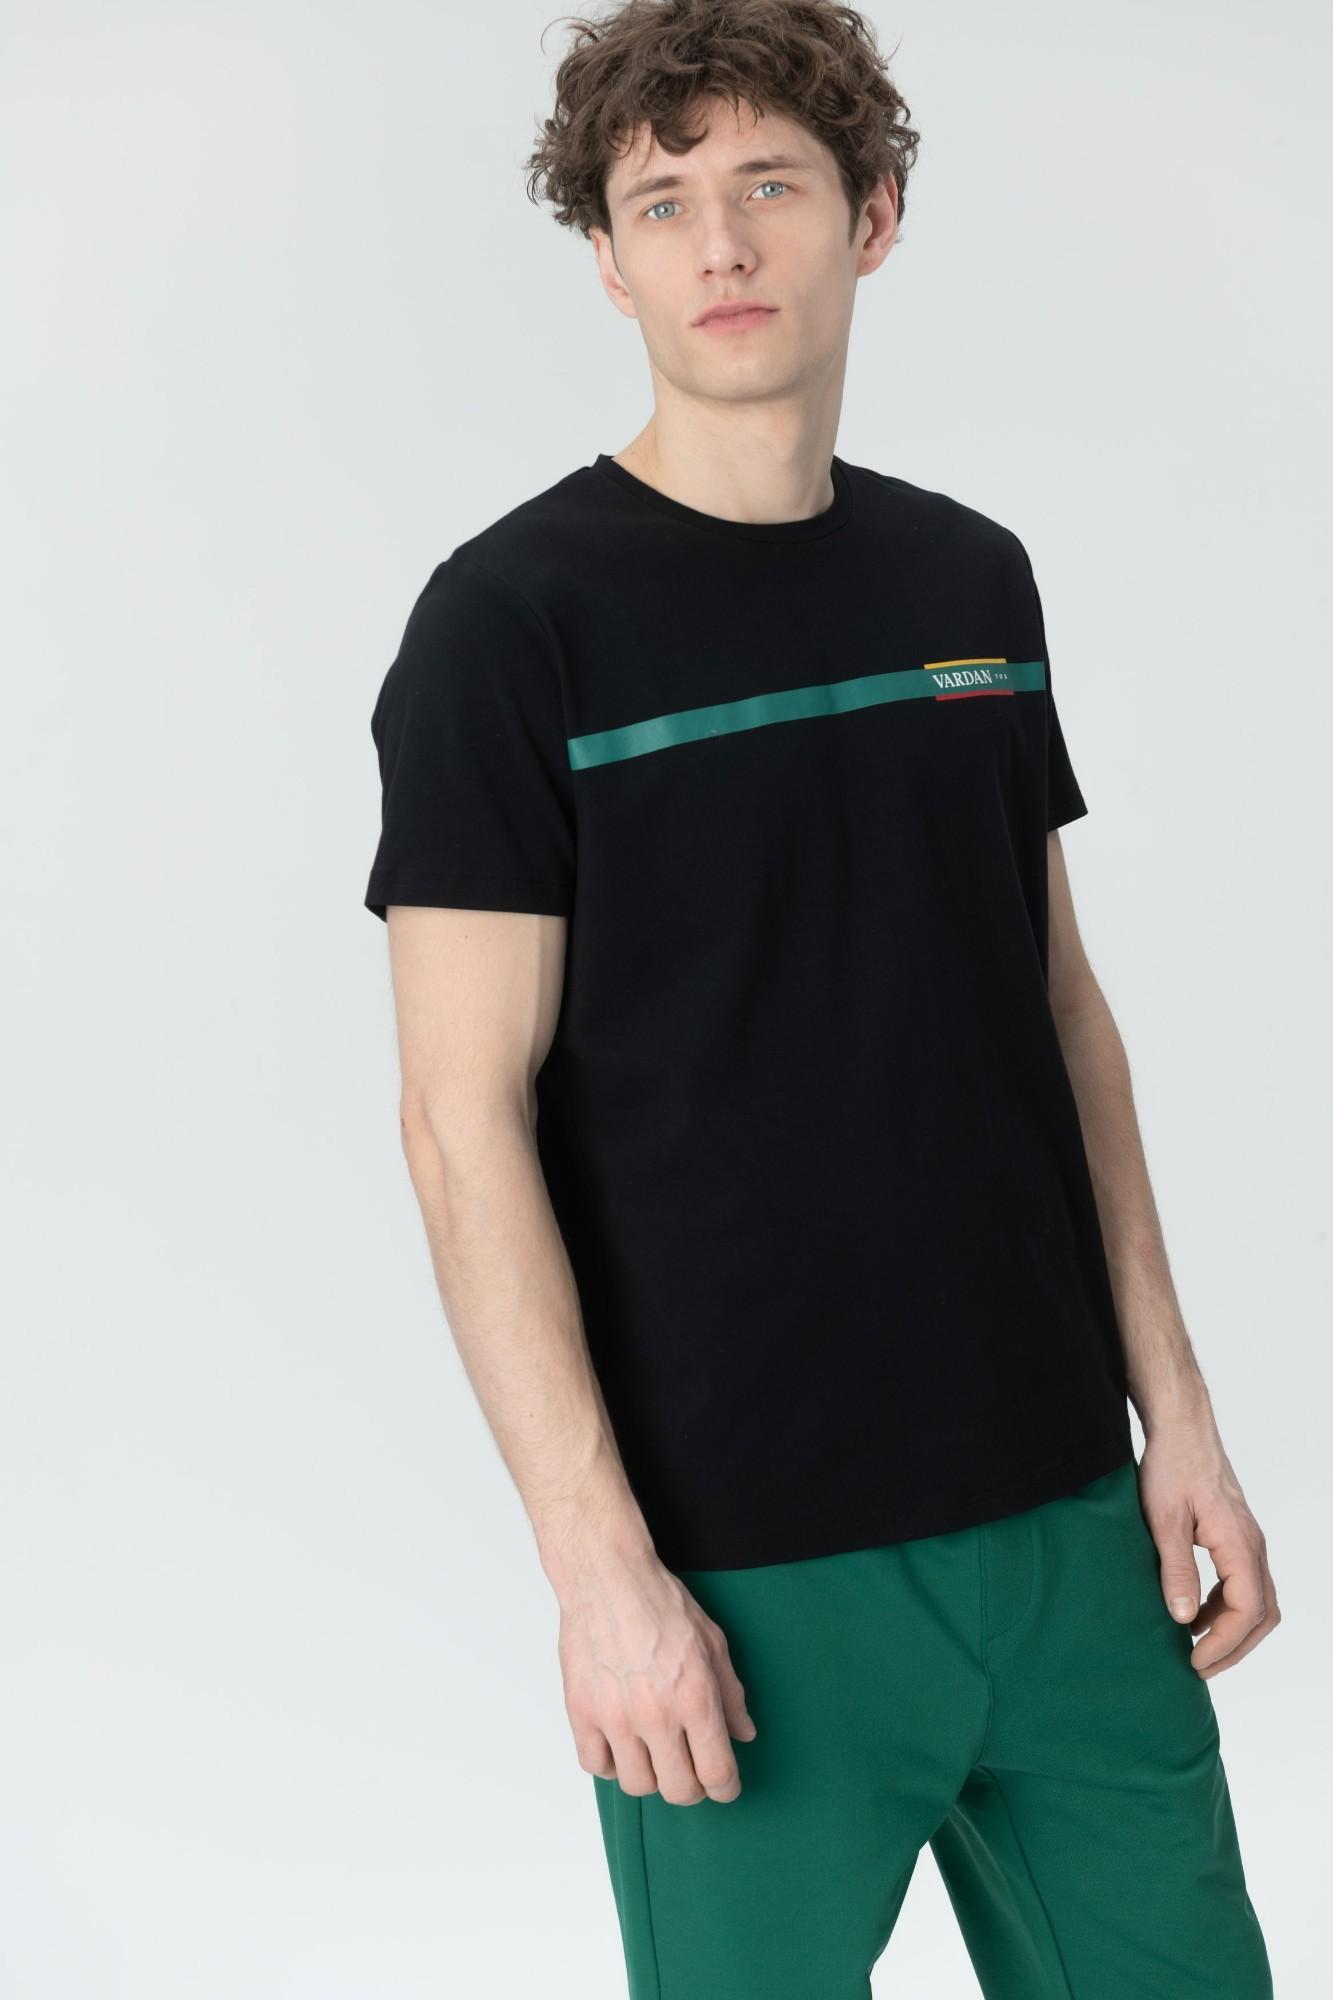 AUDIMAS Marg. medvilniniai marškinėliai 20LT-403 Black L